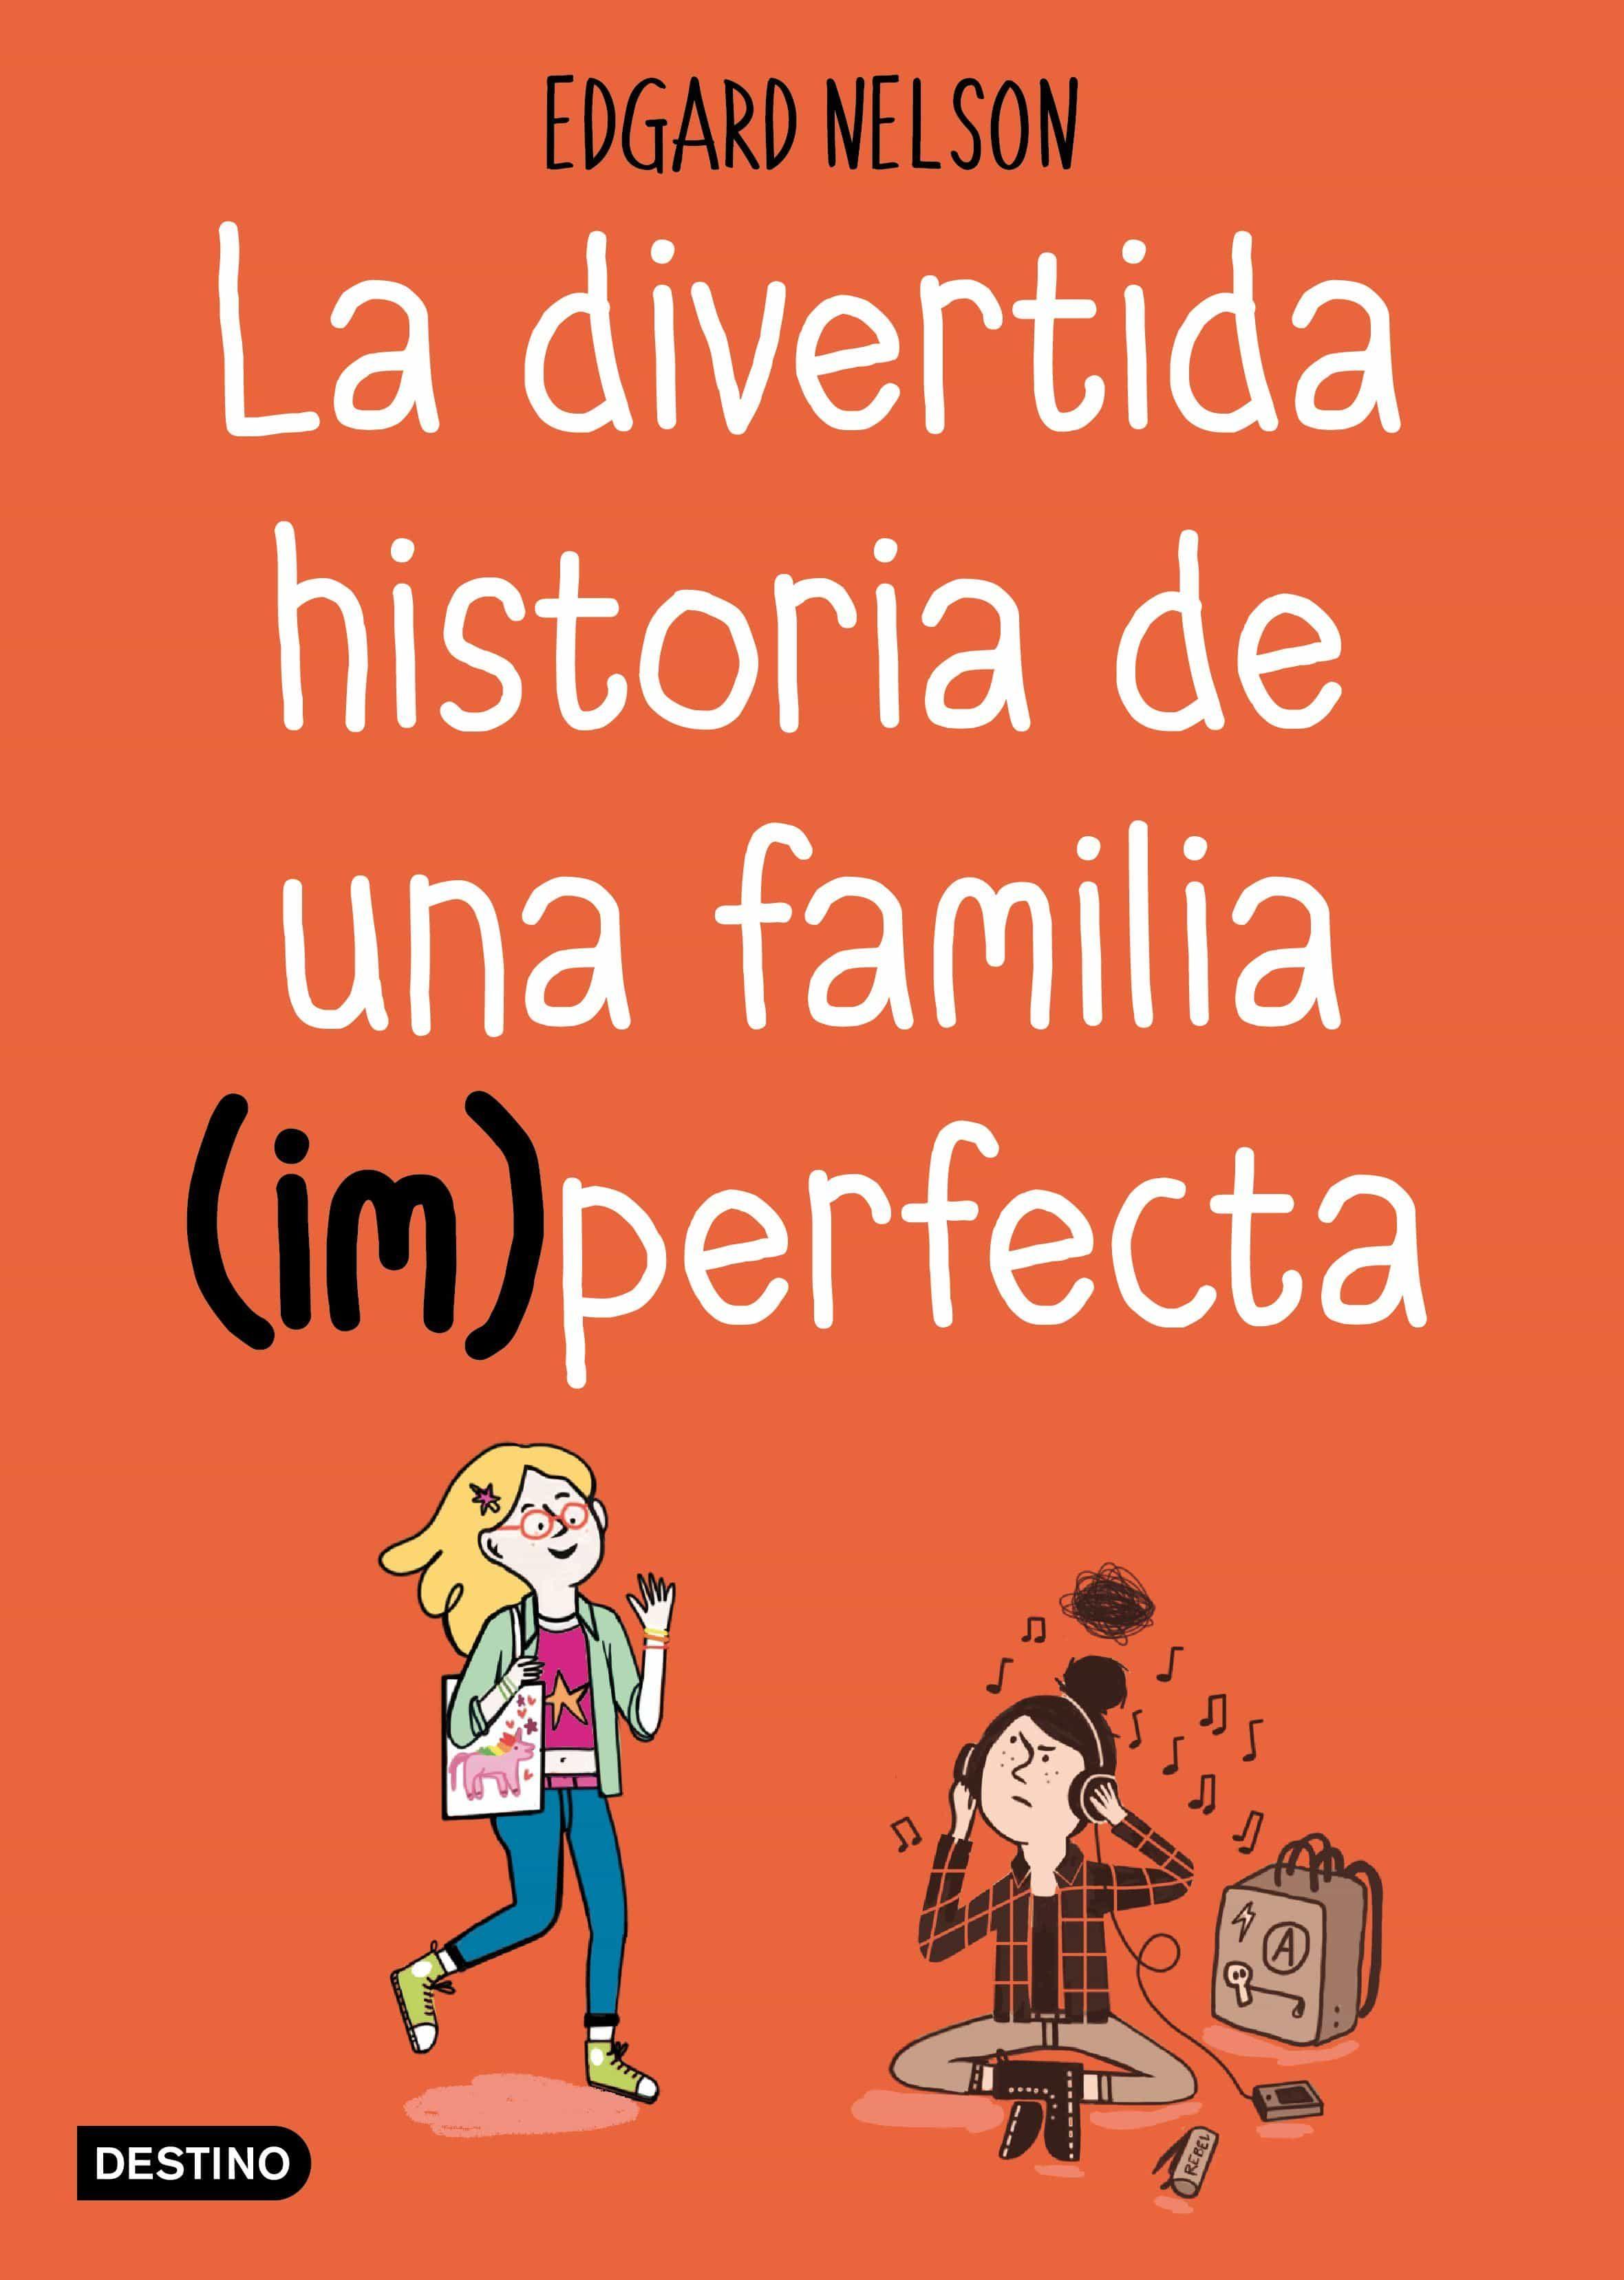 la divertida historia de una familia (im)perfecta-edgar nelson-9788408191216